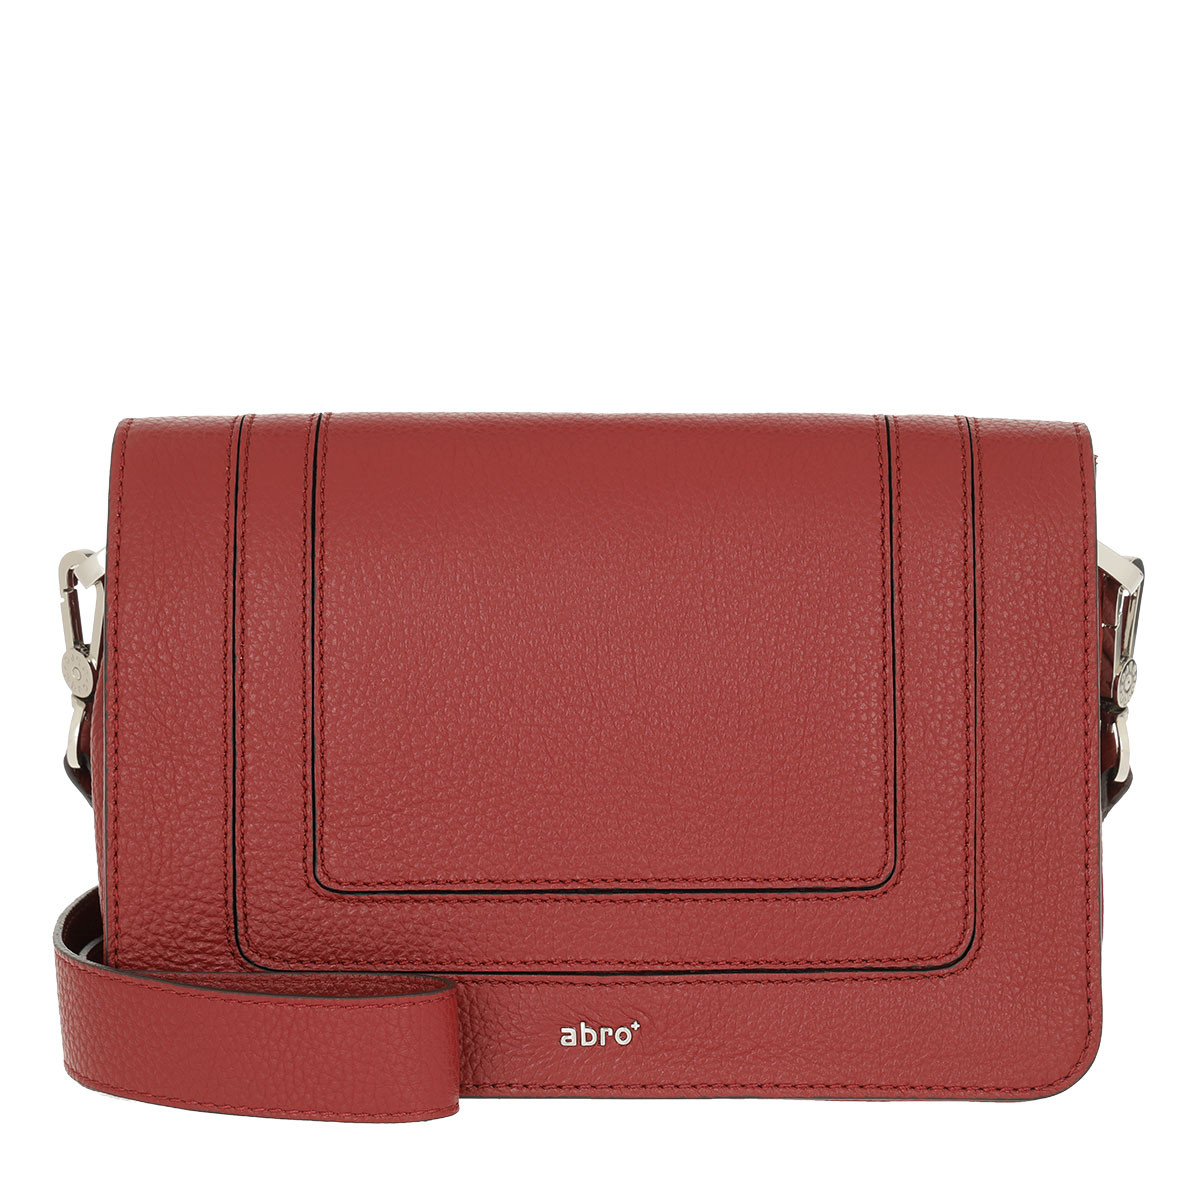 Abro Umhängetasche - Adria Crossbody Bag Ruby - in rot - für Damen